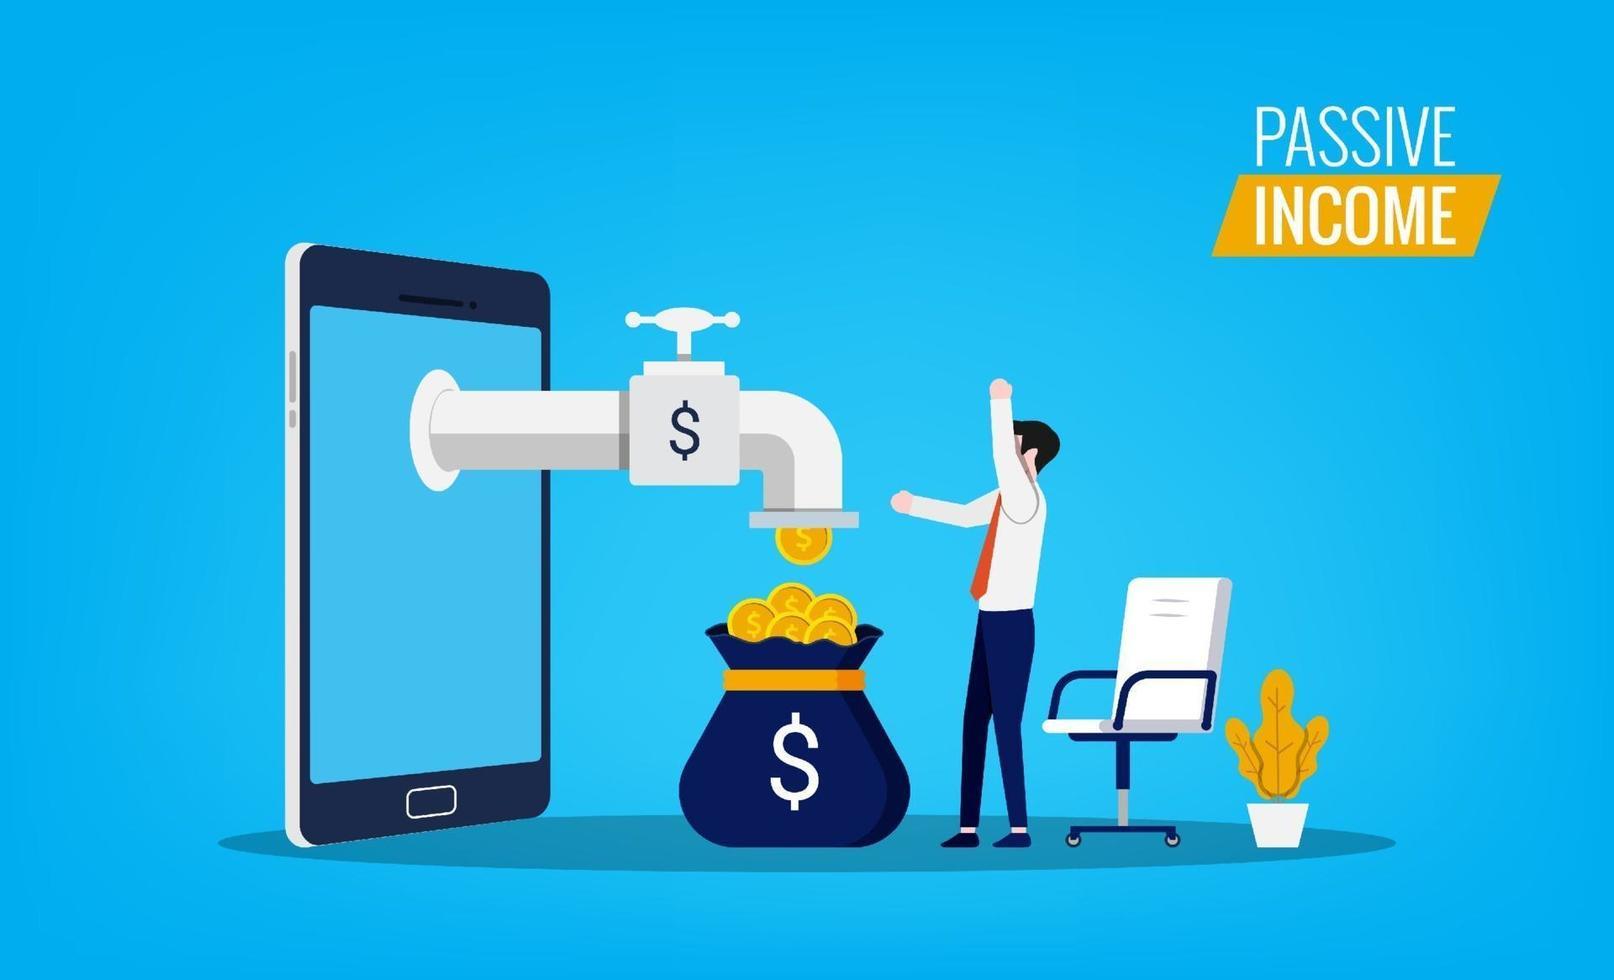 concept de revenu passif avec l'homme ressent de la joie et du bonheur tandis que l'argent coule du symbole du smartphone. vecteur